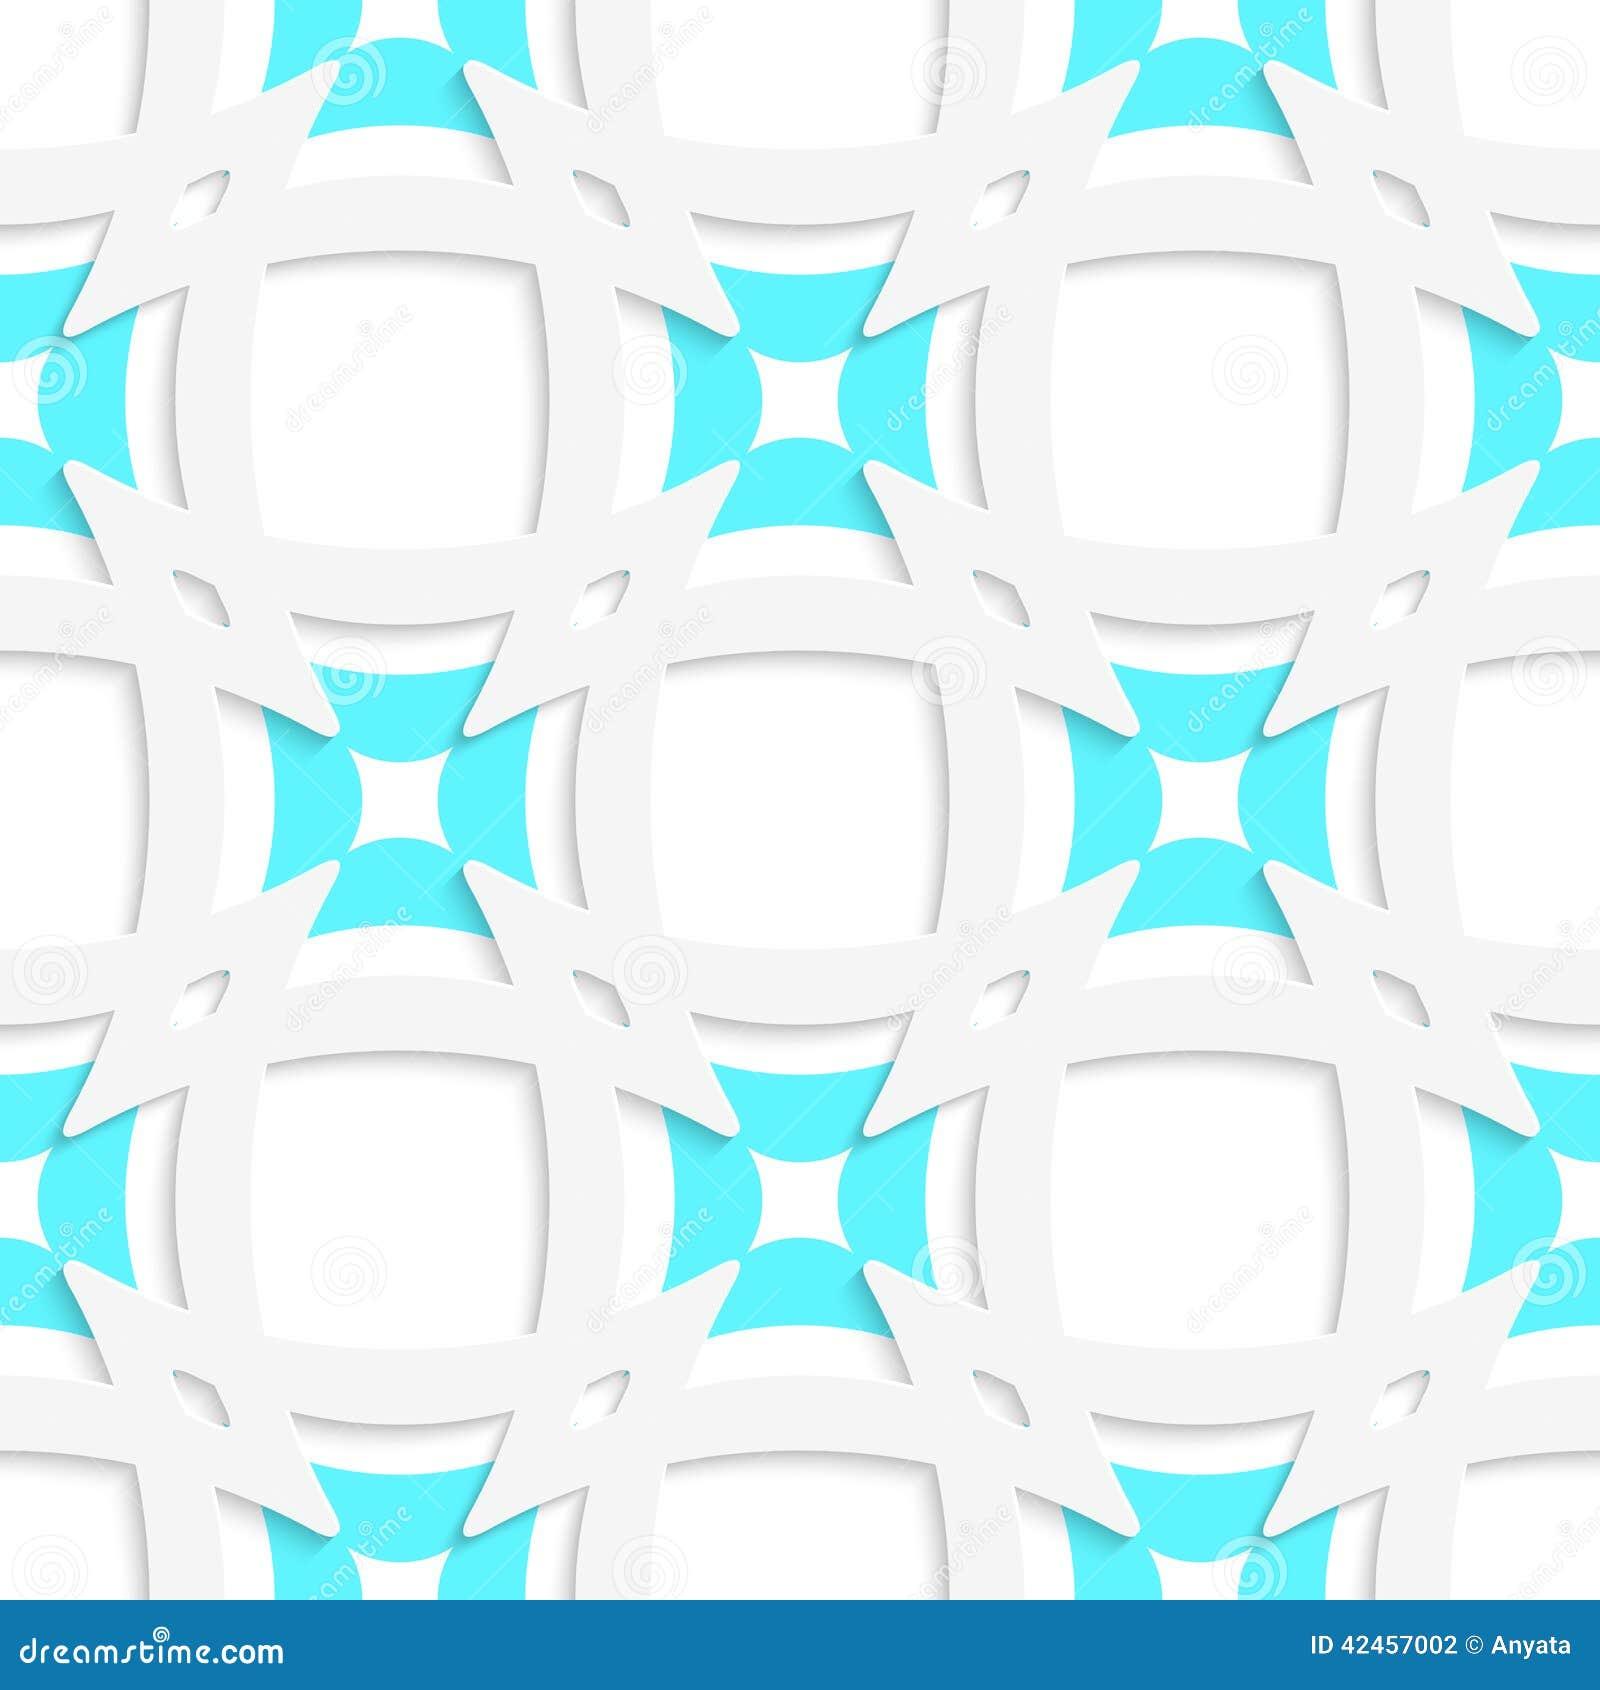 Weiße spitze Quadrate mit dem blauen inneren Teil nahtlos